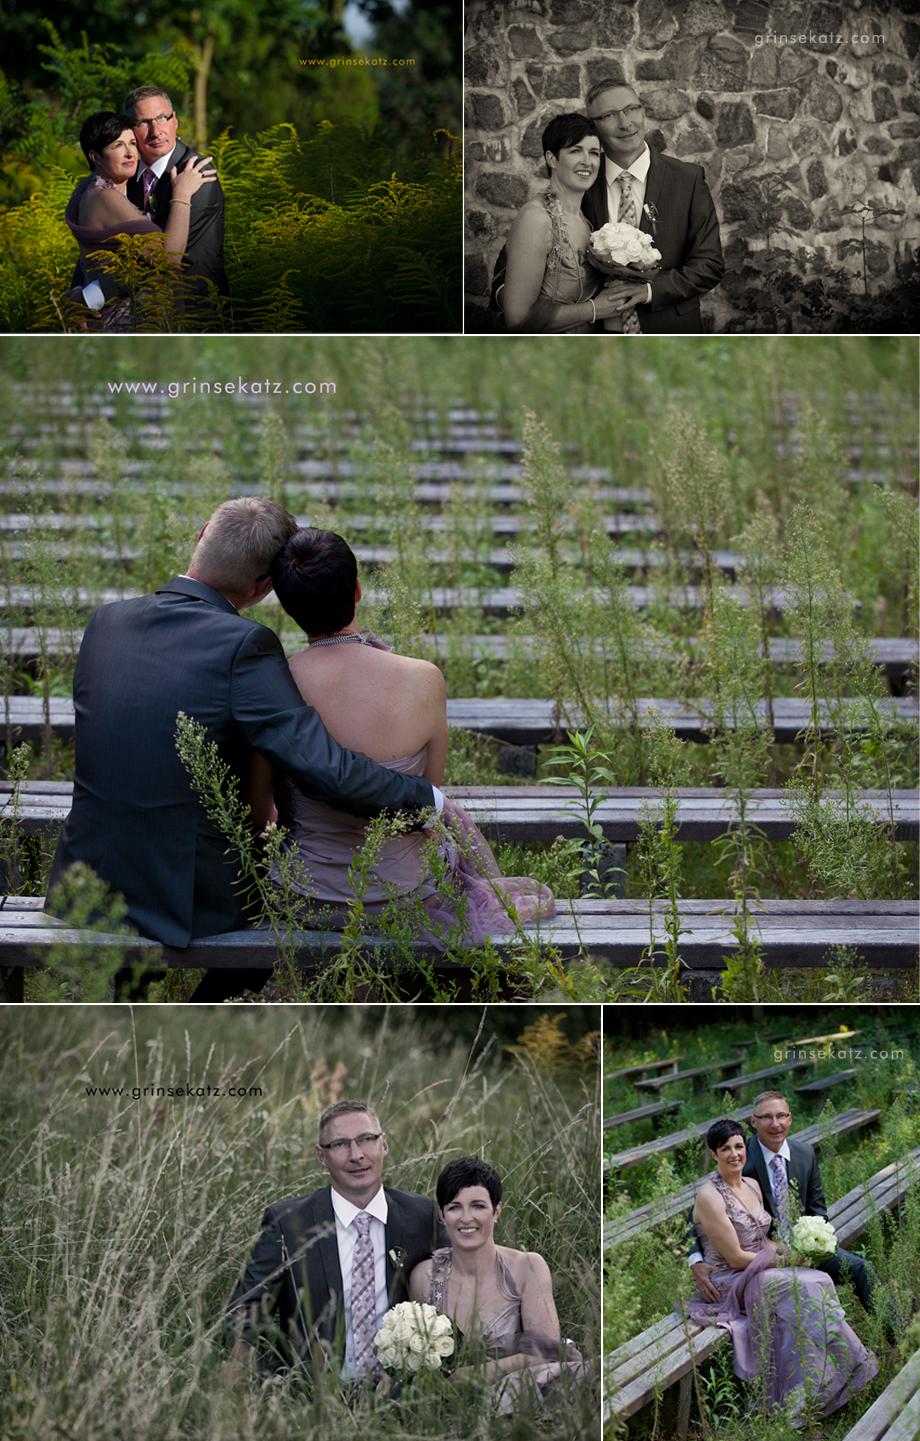 Hochzeitsfotos hochzeitsfotografie templin uckermark grinsekatz